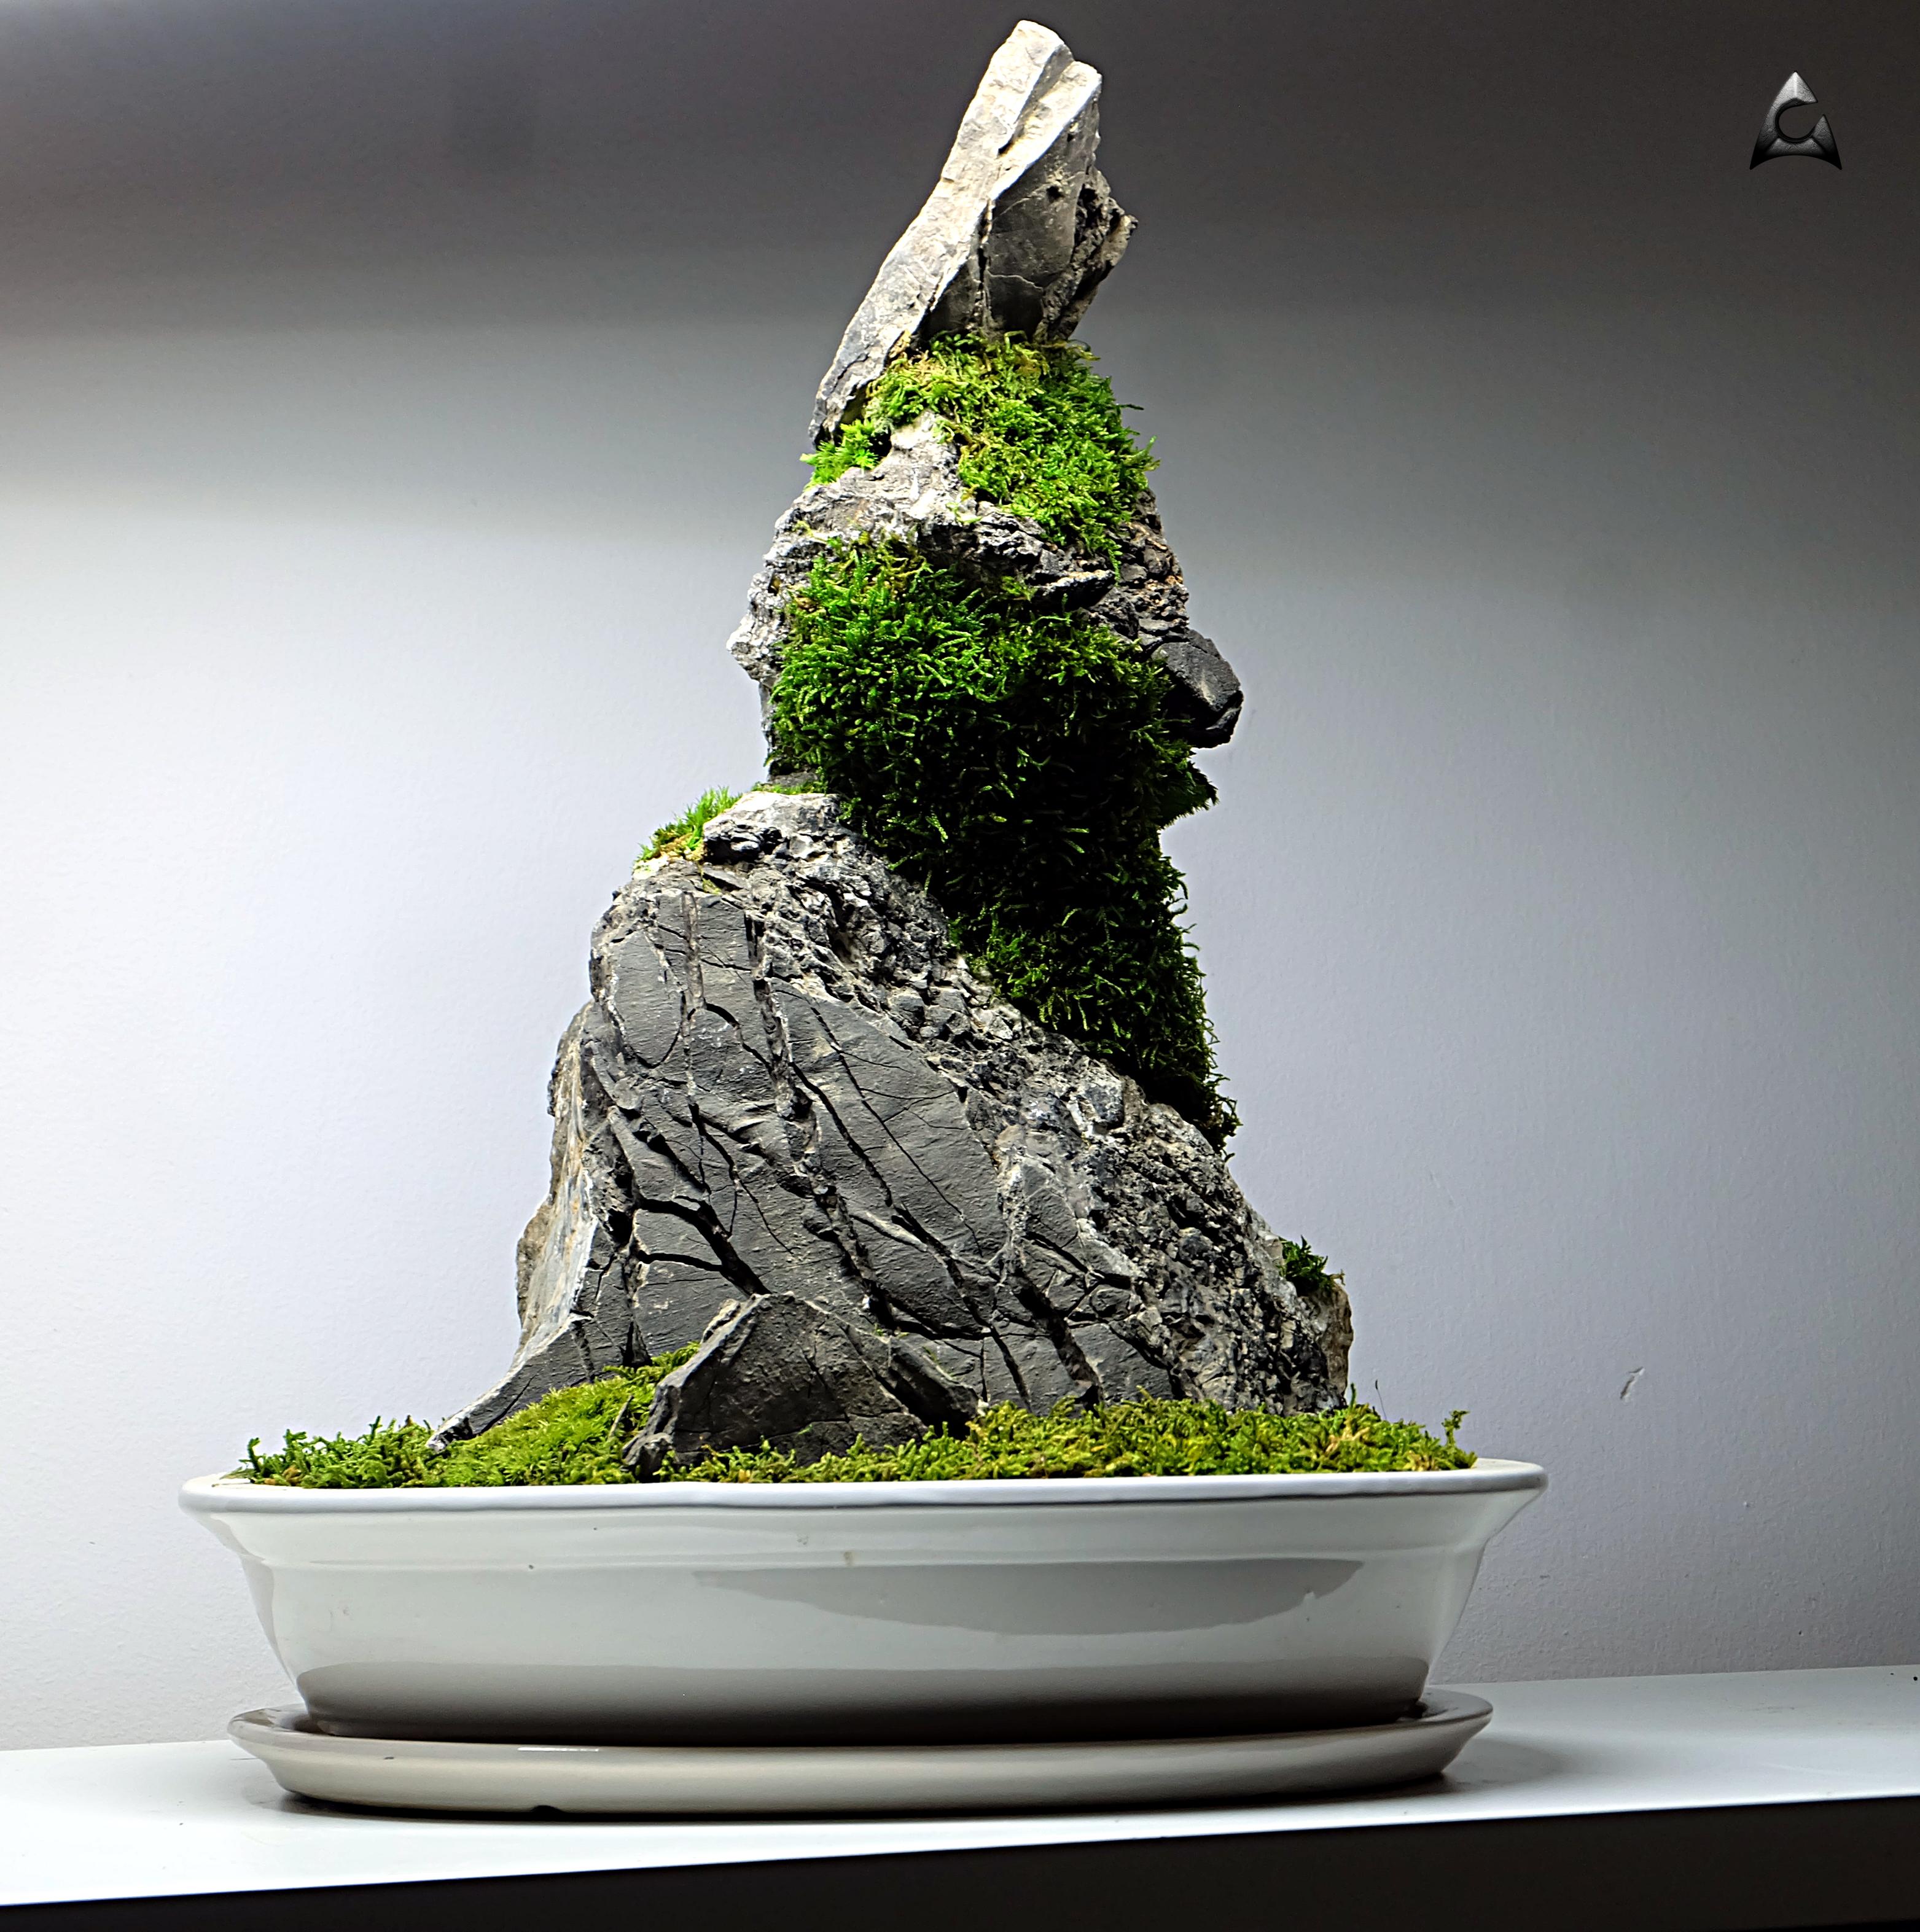 Koke-Bonkei - japońska sztuka5x